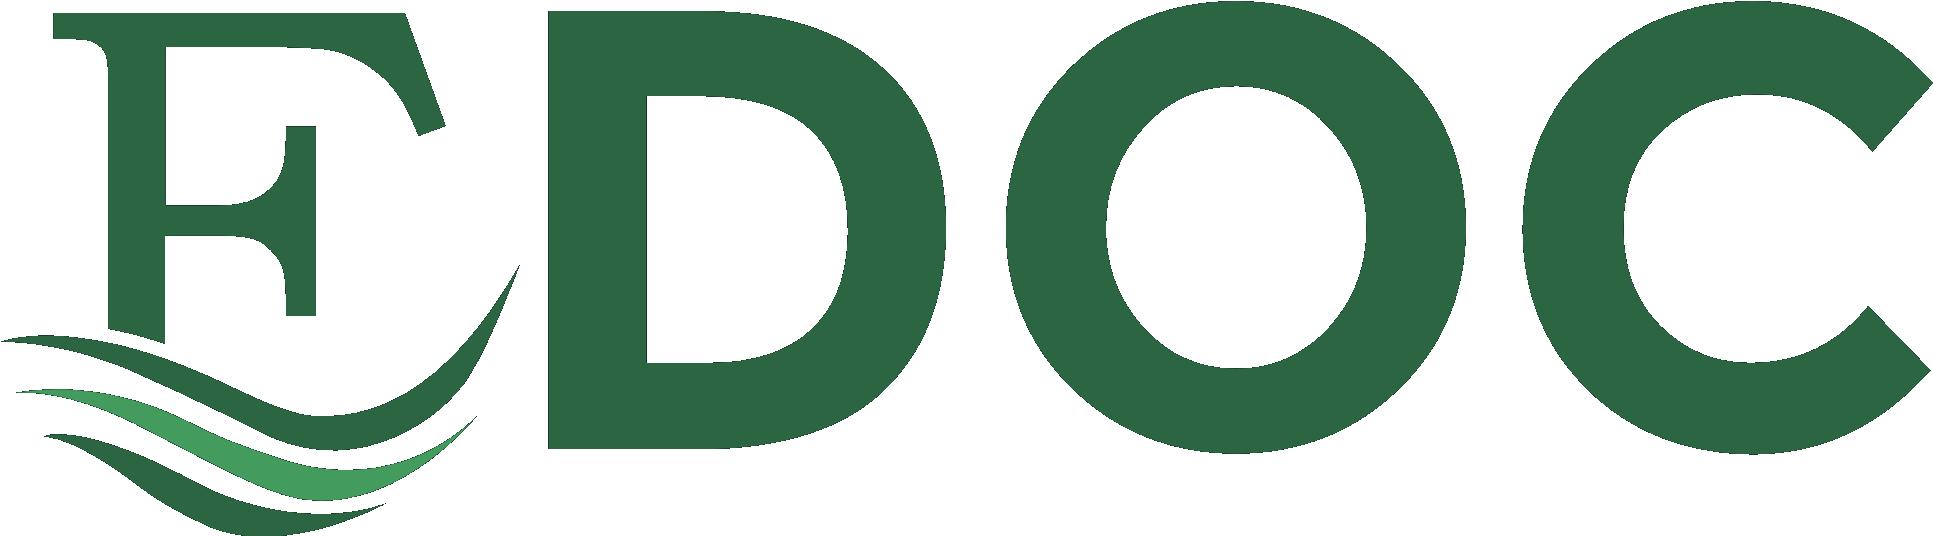 Jobb látás a bates szerint - Haladó gyakorlatok – látástréning – Látásvizsgálat